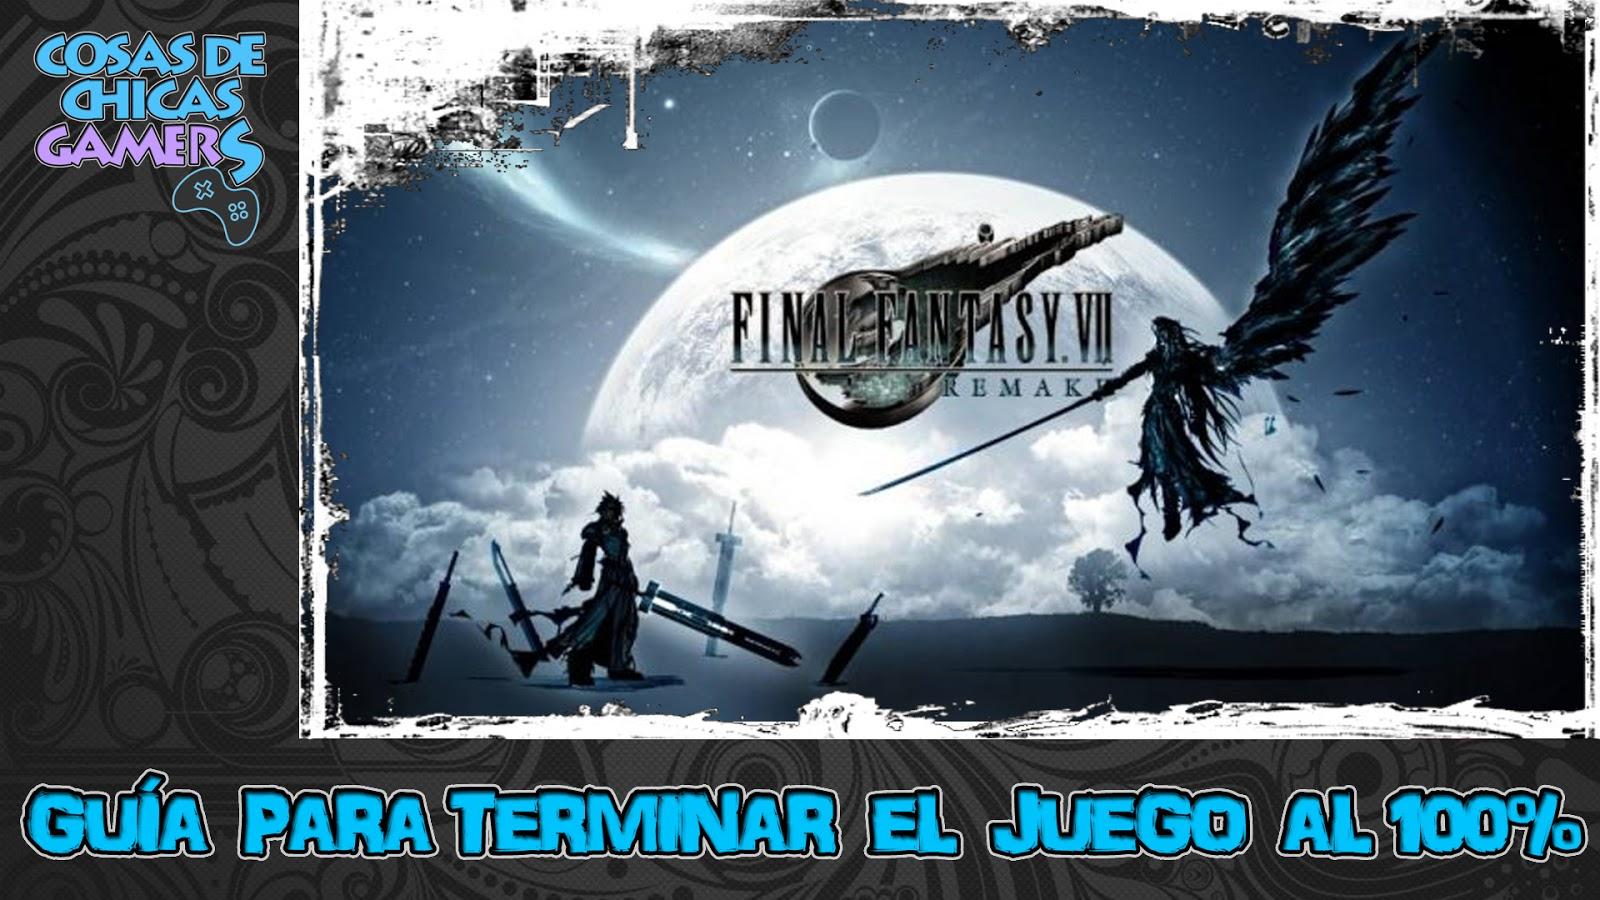 FINAL FANTASY VII REMAKE - GUÍA PARA COMPLETAR EL JUEGO AL 100%